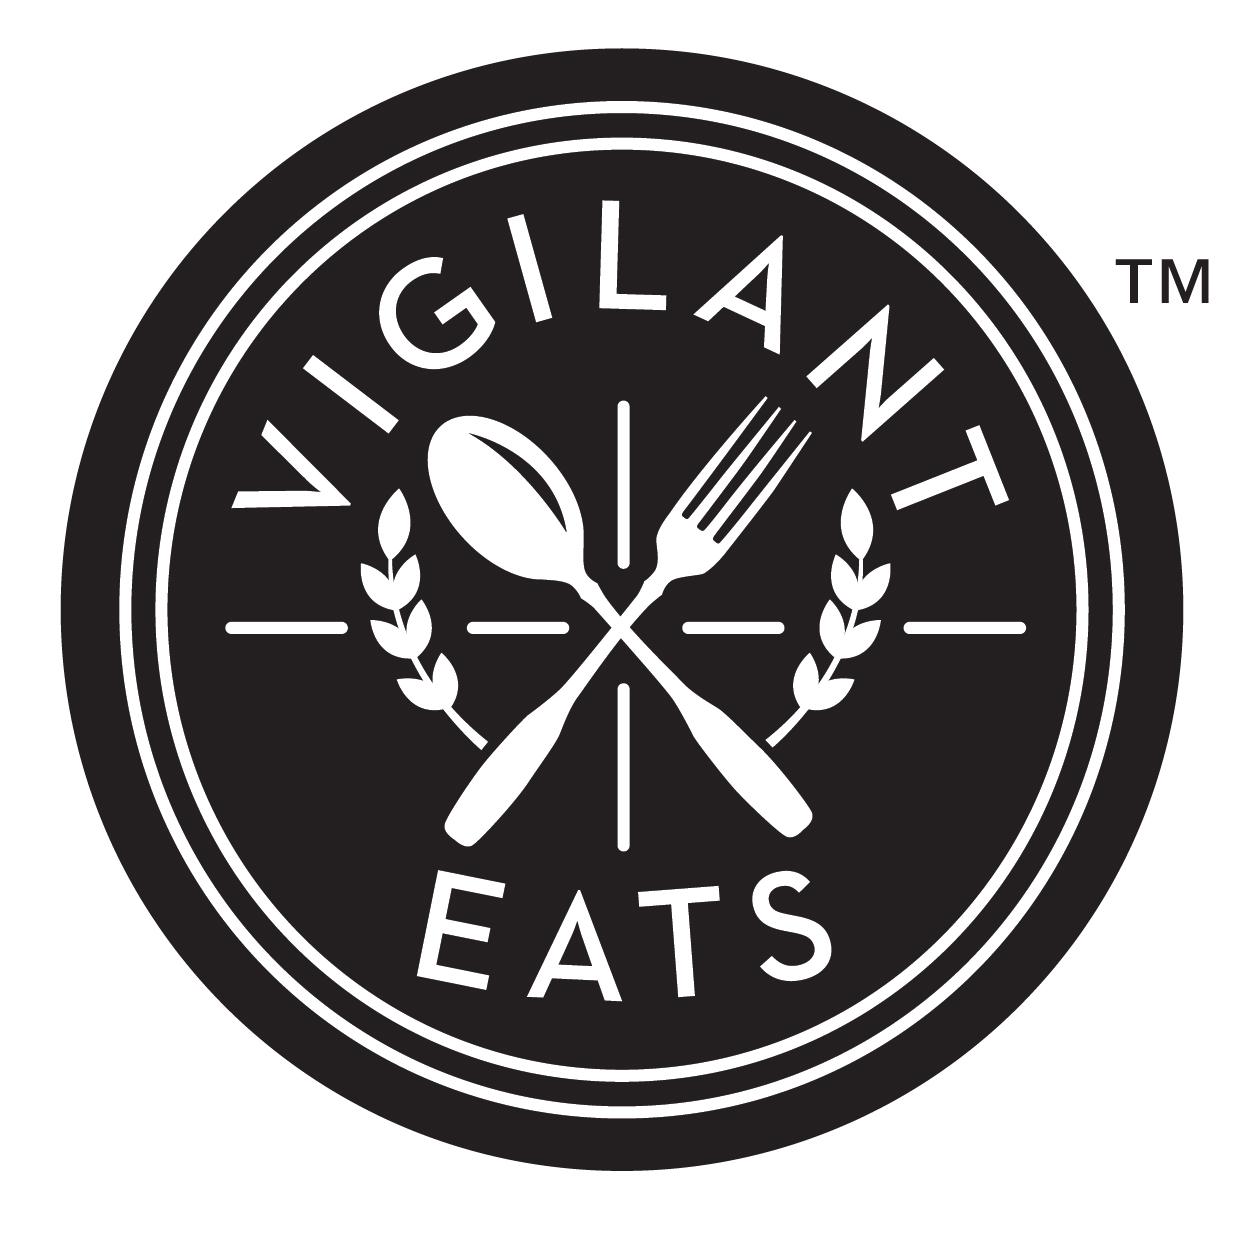 Vigilant Eats